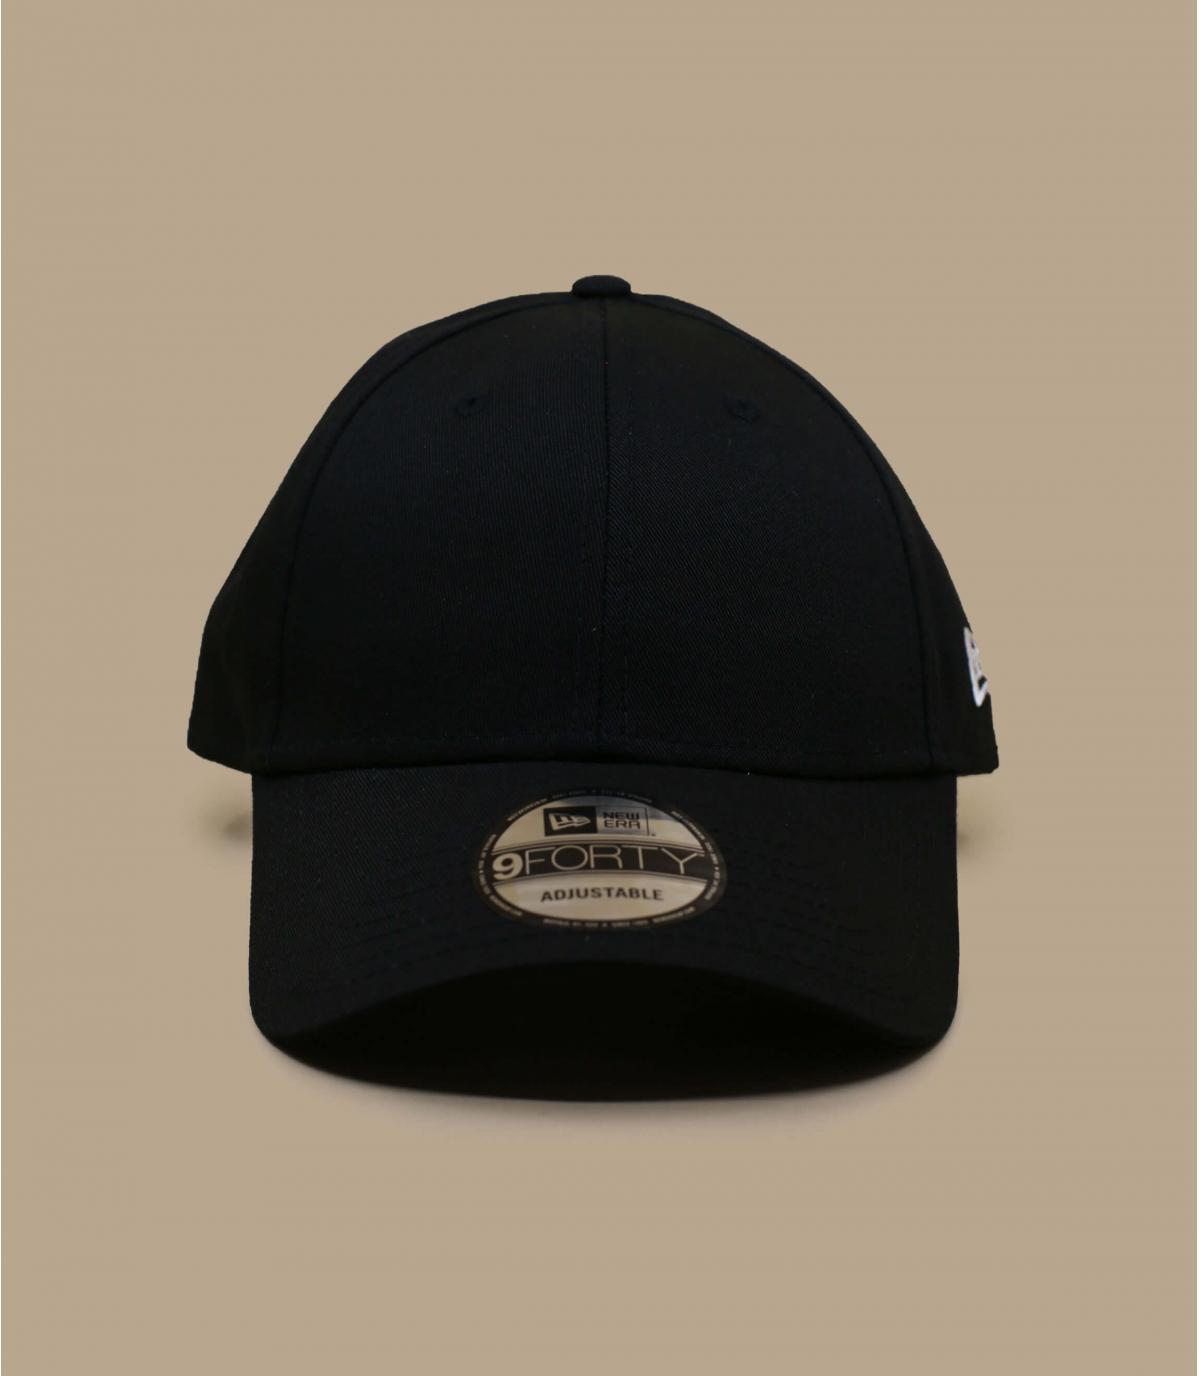 casquillo negro con visera curvada Nueva Era